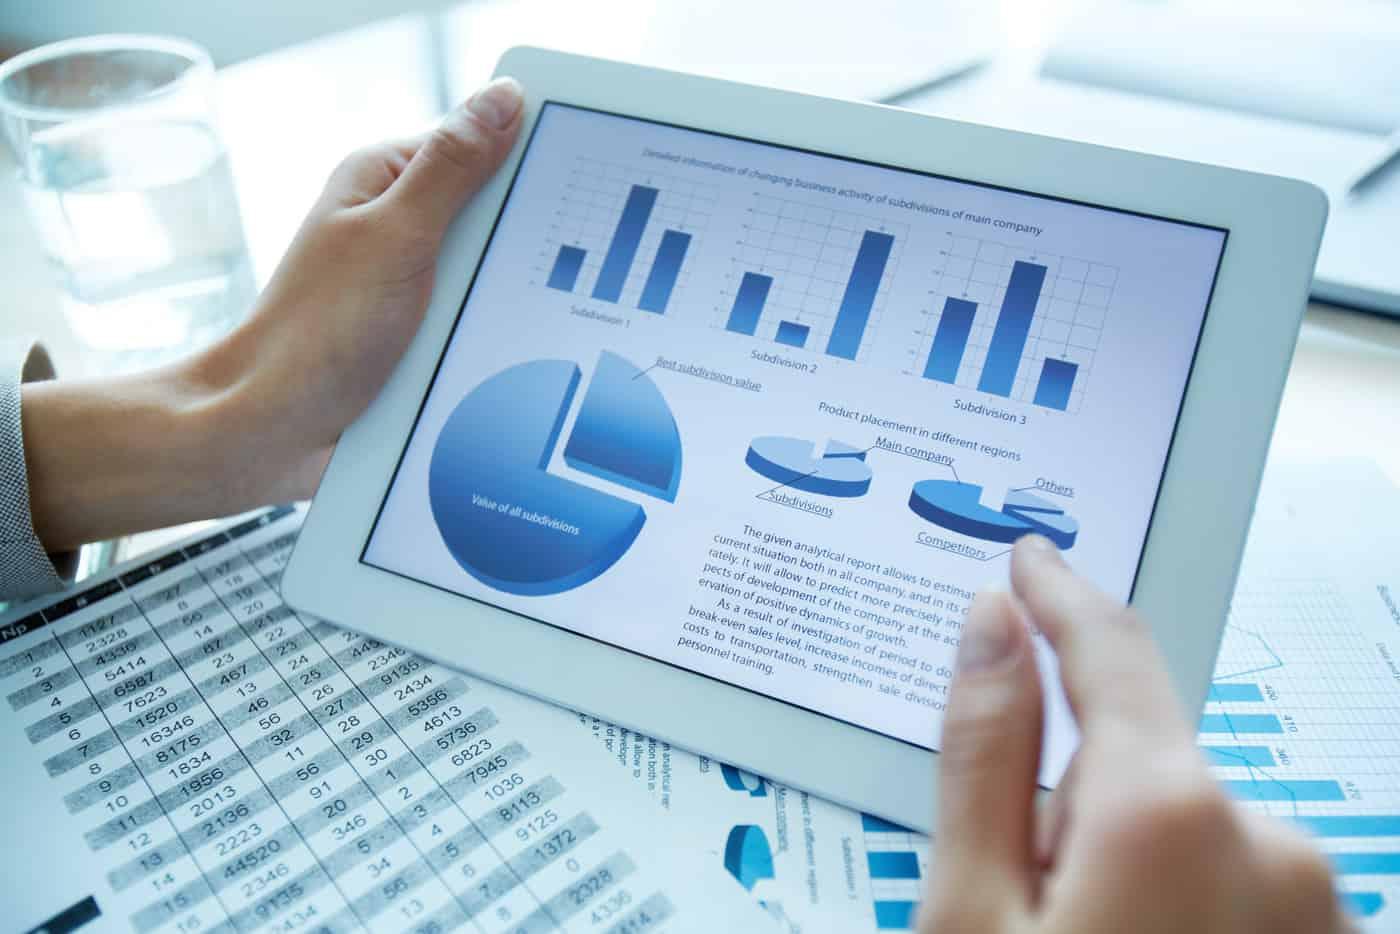 Regulatory affairs study